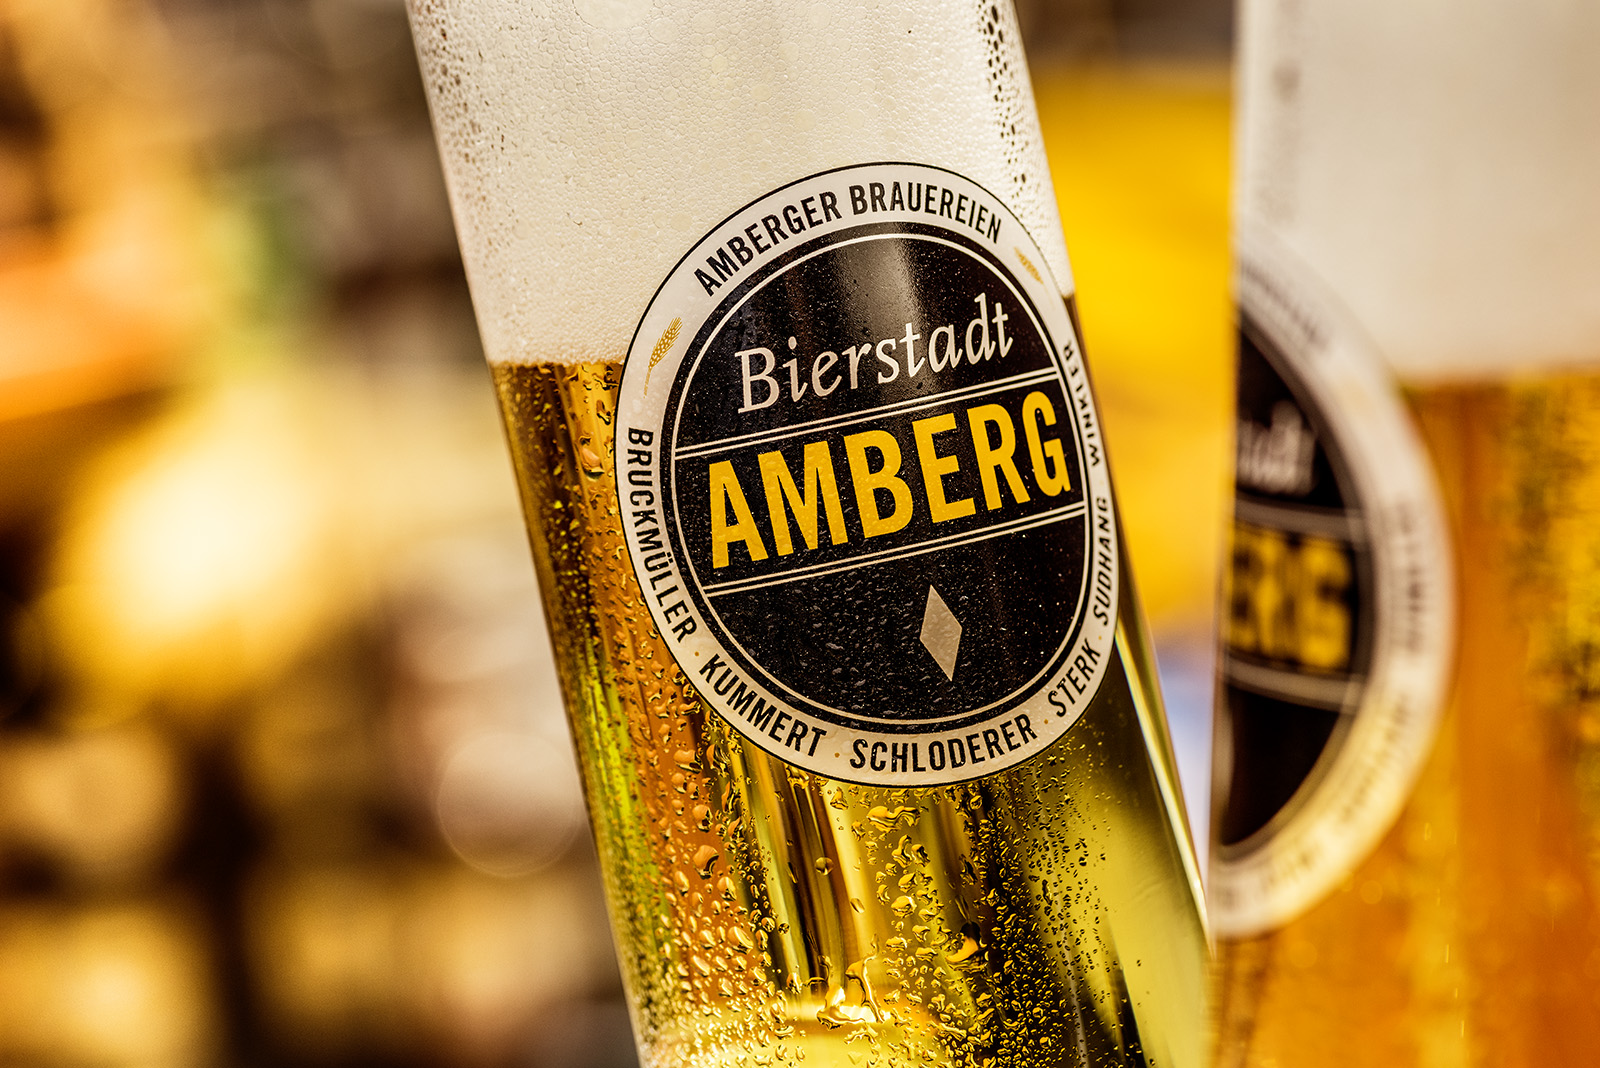 Bierstadt Amberg